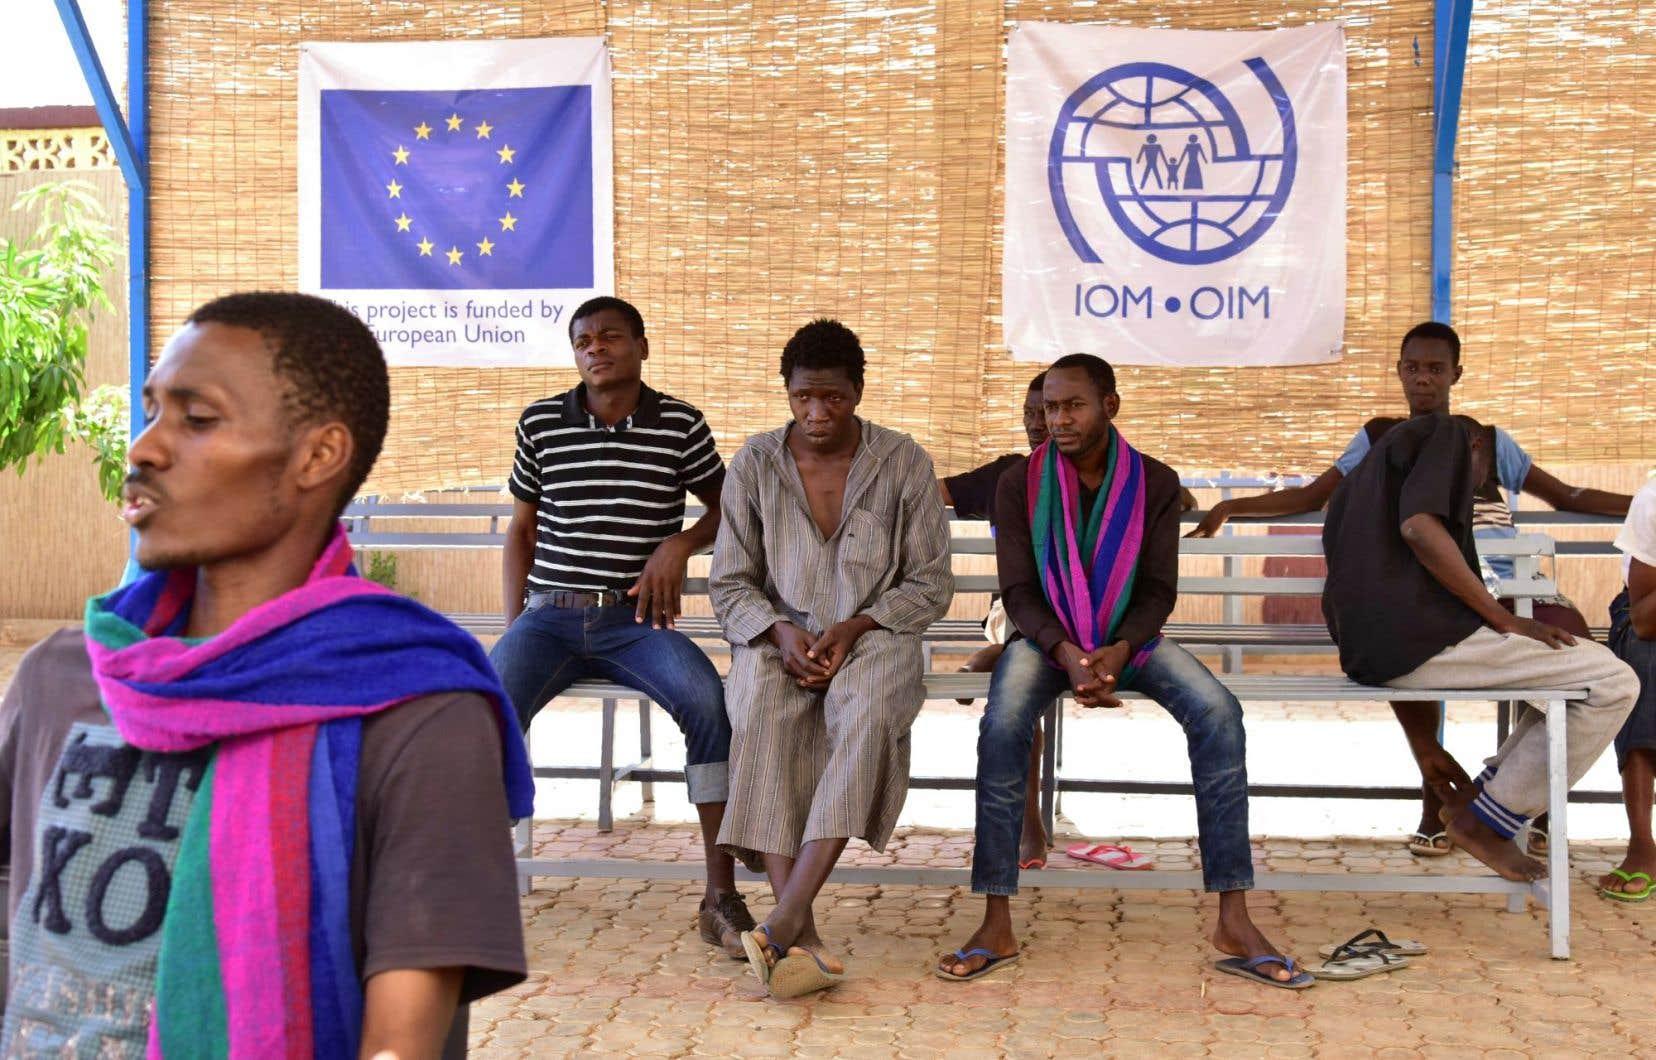 Des migrants et réfugiés d'Afrique de l'Ouest en exil attendent dans un centre de transit de l'Organisation internationale pour les migrations, à Niamey, le 29 mars dernier.